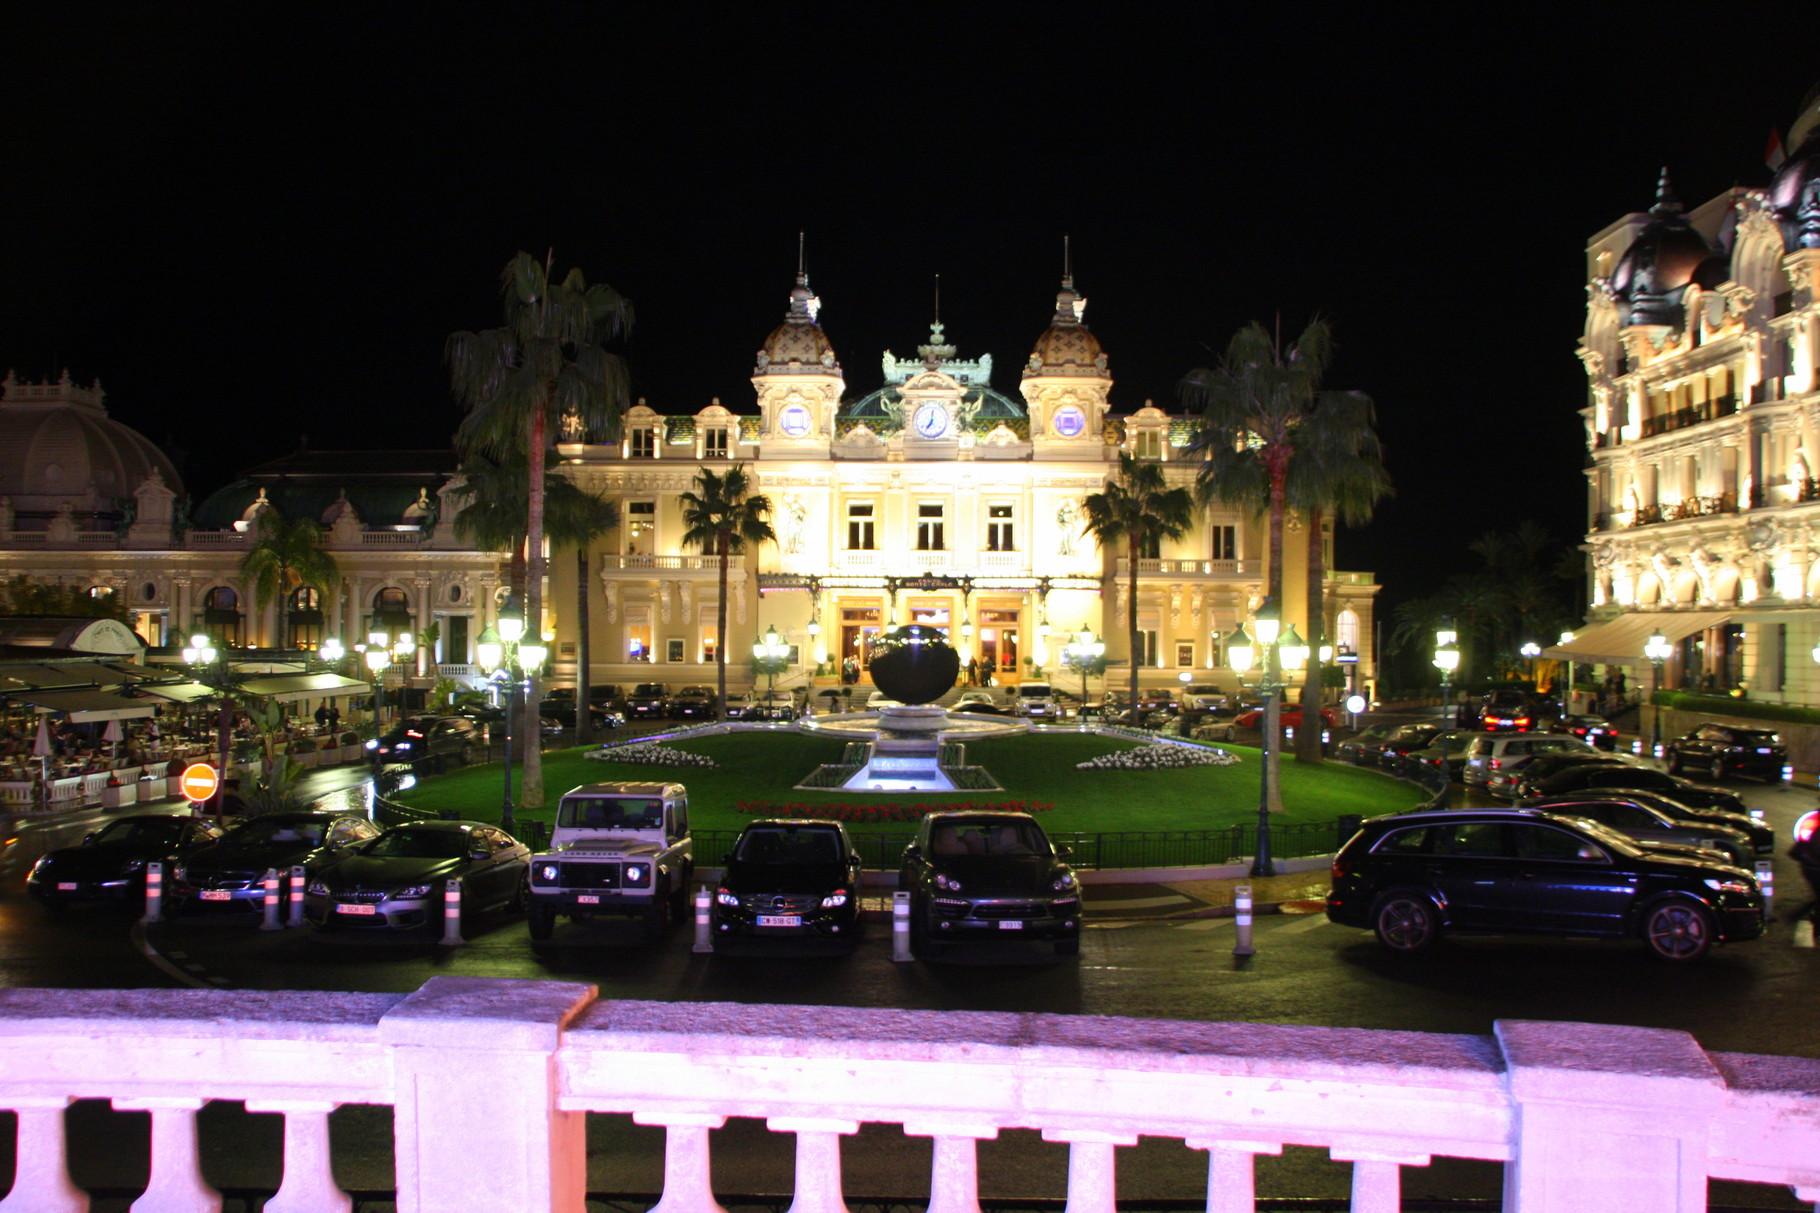 Bild: Fontaine in Monte Carlo